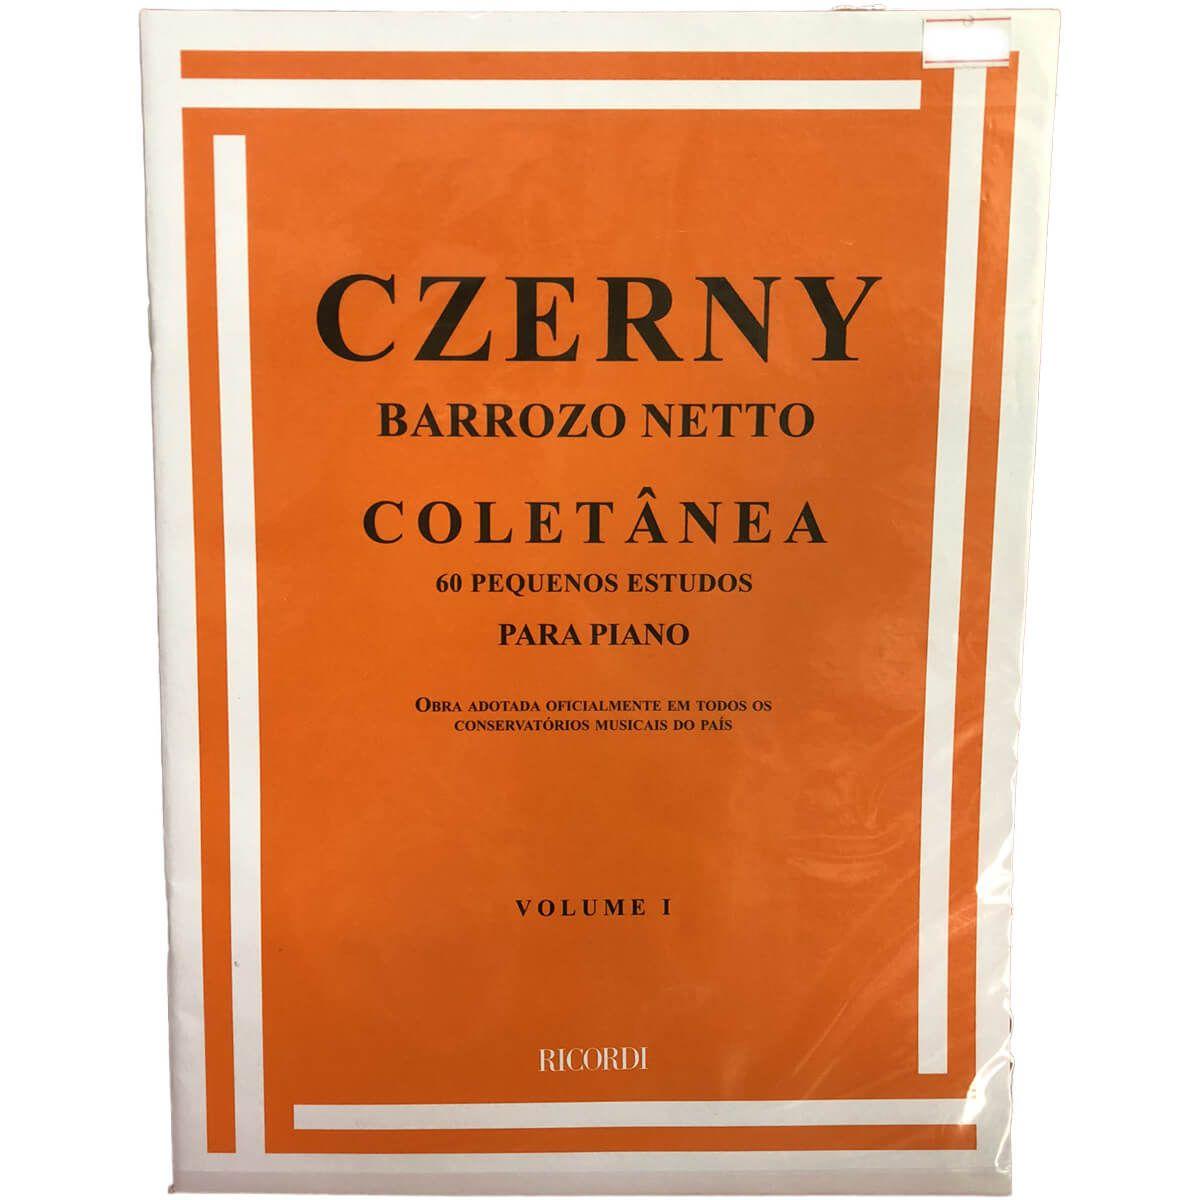 Método - Piano - Czerny - Barrozo Netto